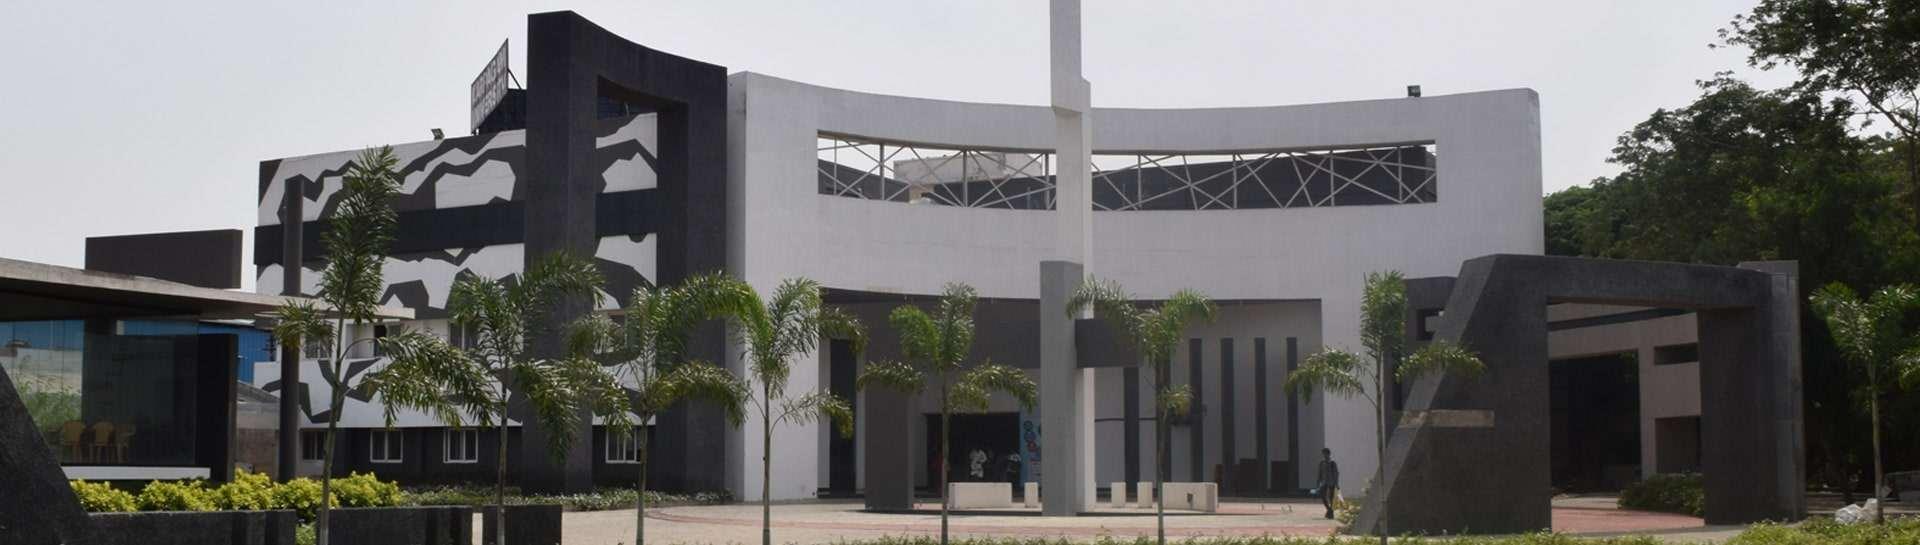 College campus - Evening colleges in Coimbatore